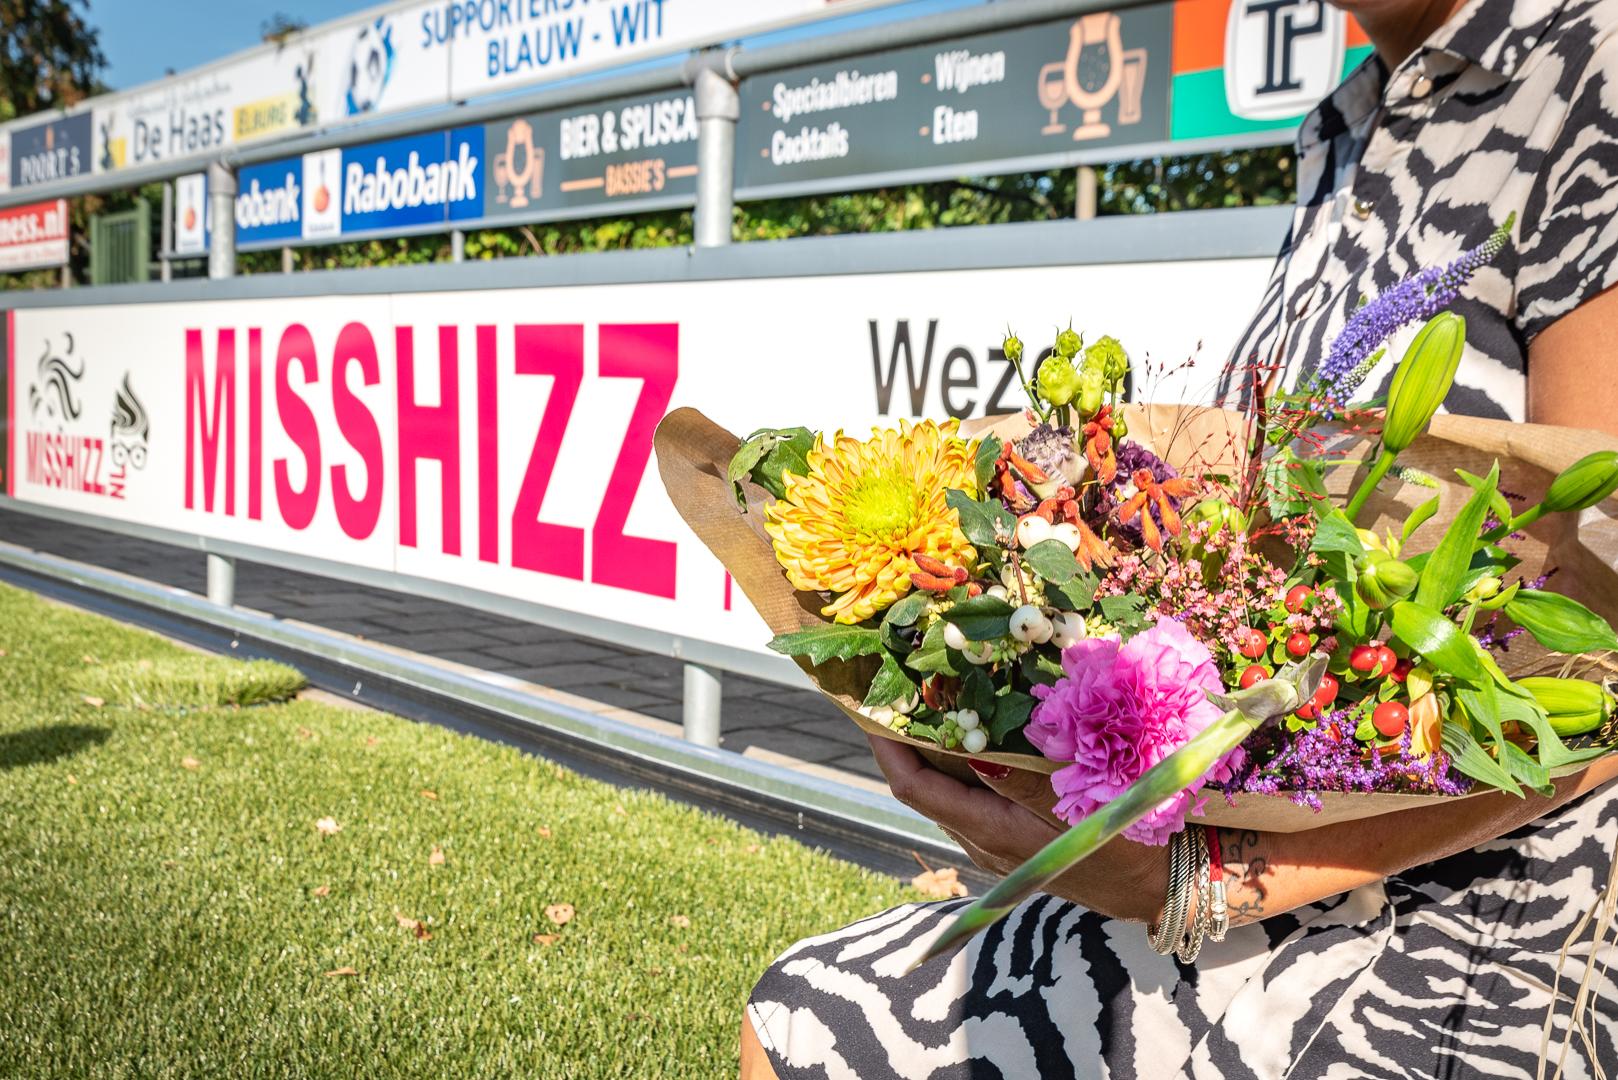 Elburger SC verwelkomt MISSHIZZ Hairstyling Wezep als nieuwe bordsponsor - Elburger SC